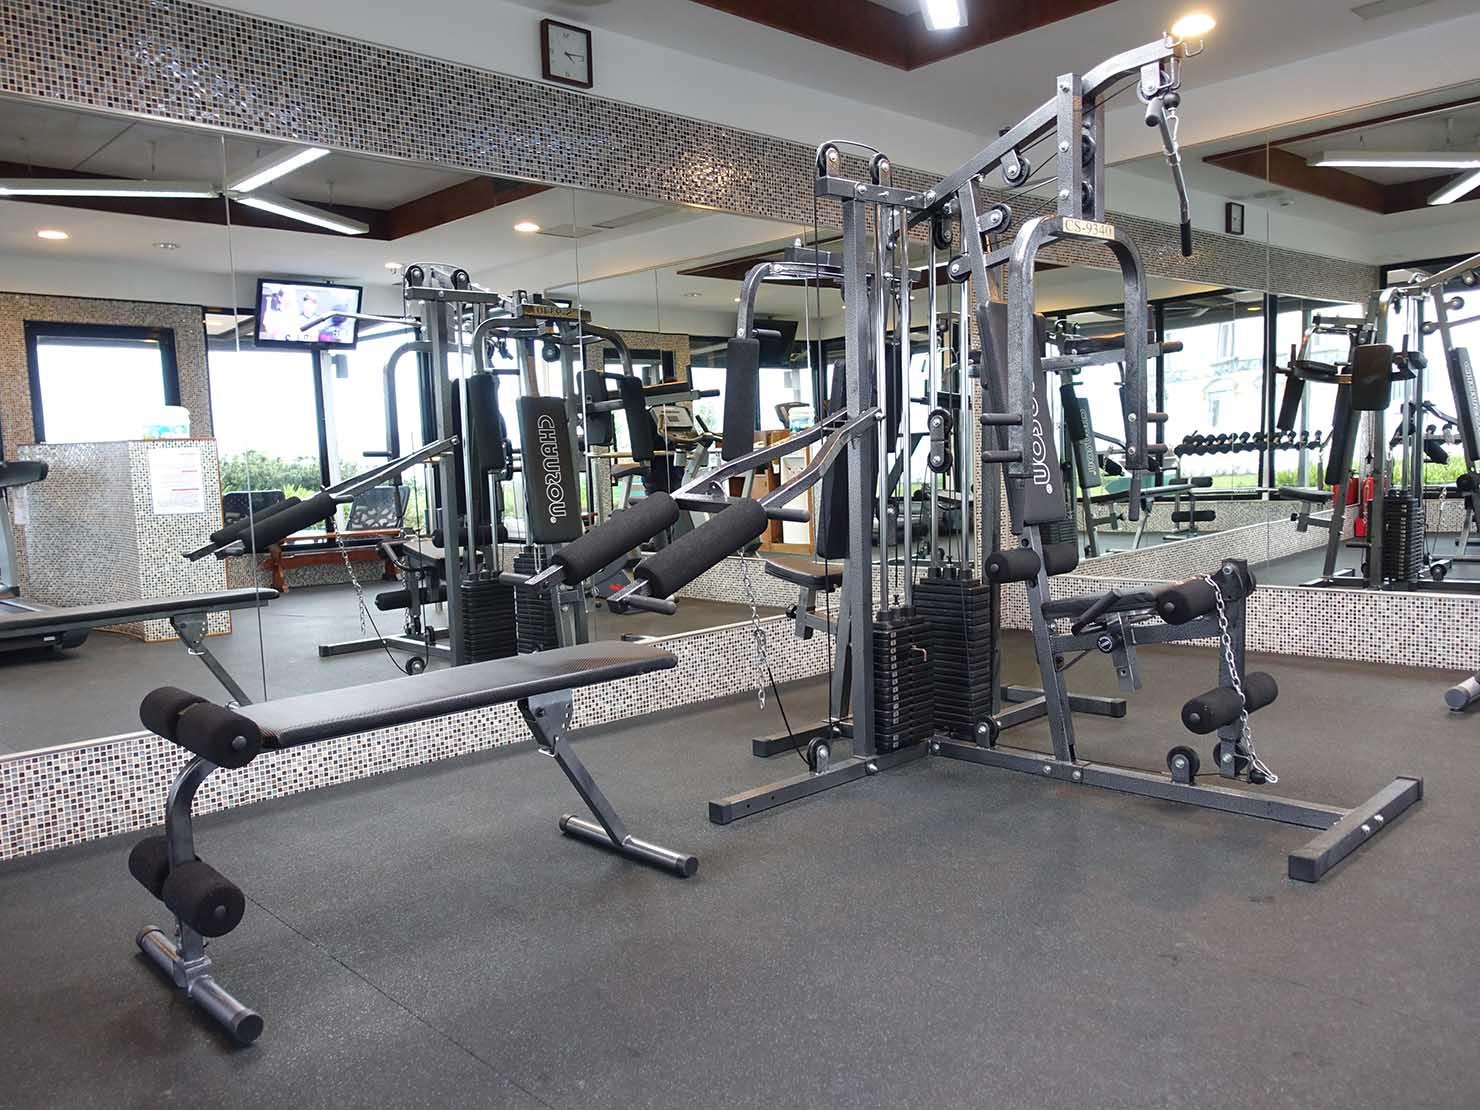 台北のおすすめ4つ星ホテル「歐華酒店(リビエラホテル)」屋上・フィットネスルームのトレーニングマシン